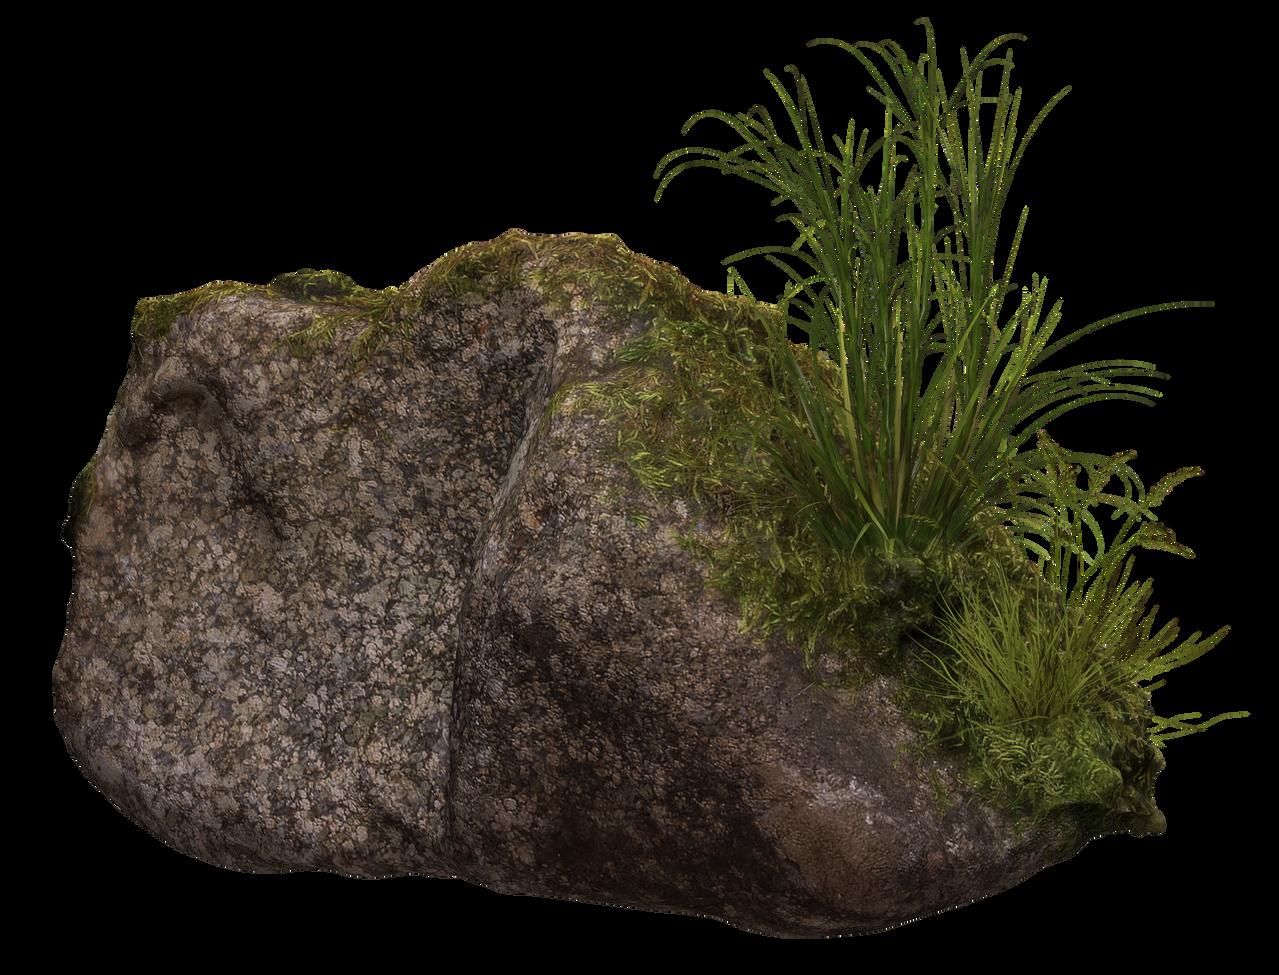 Mossy Rock II